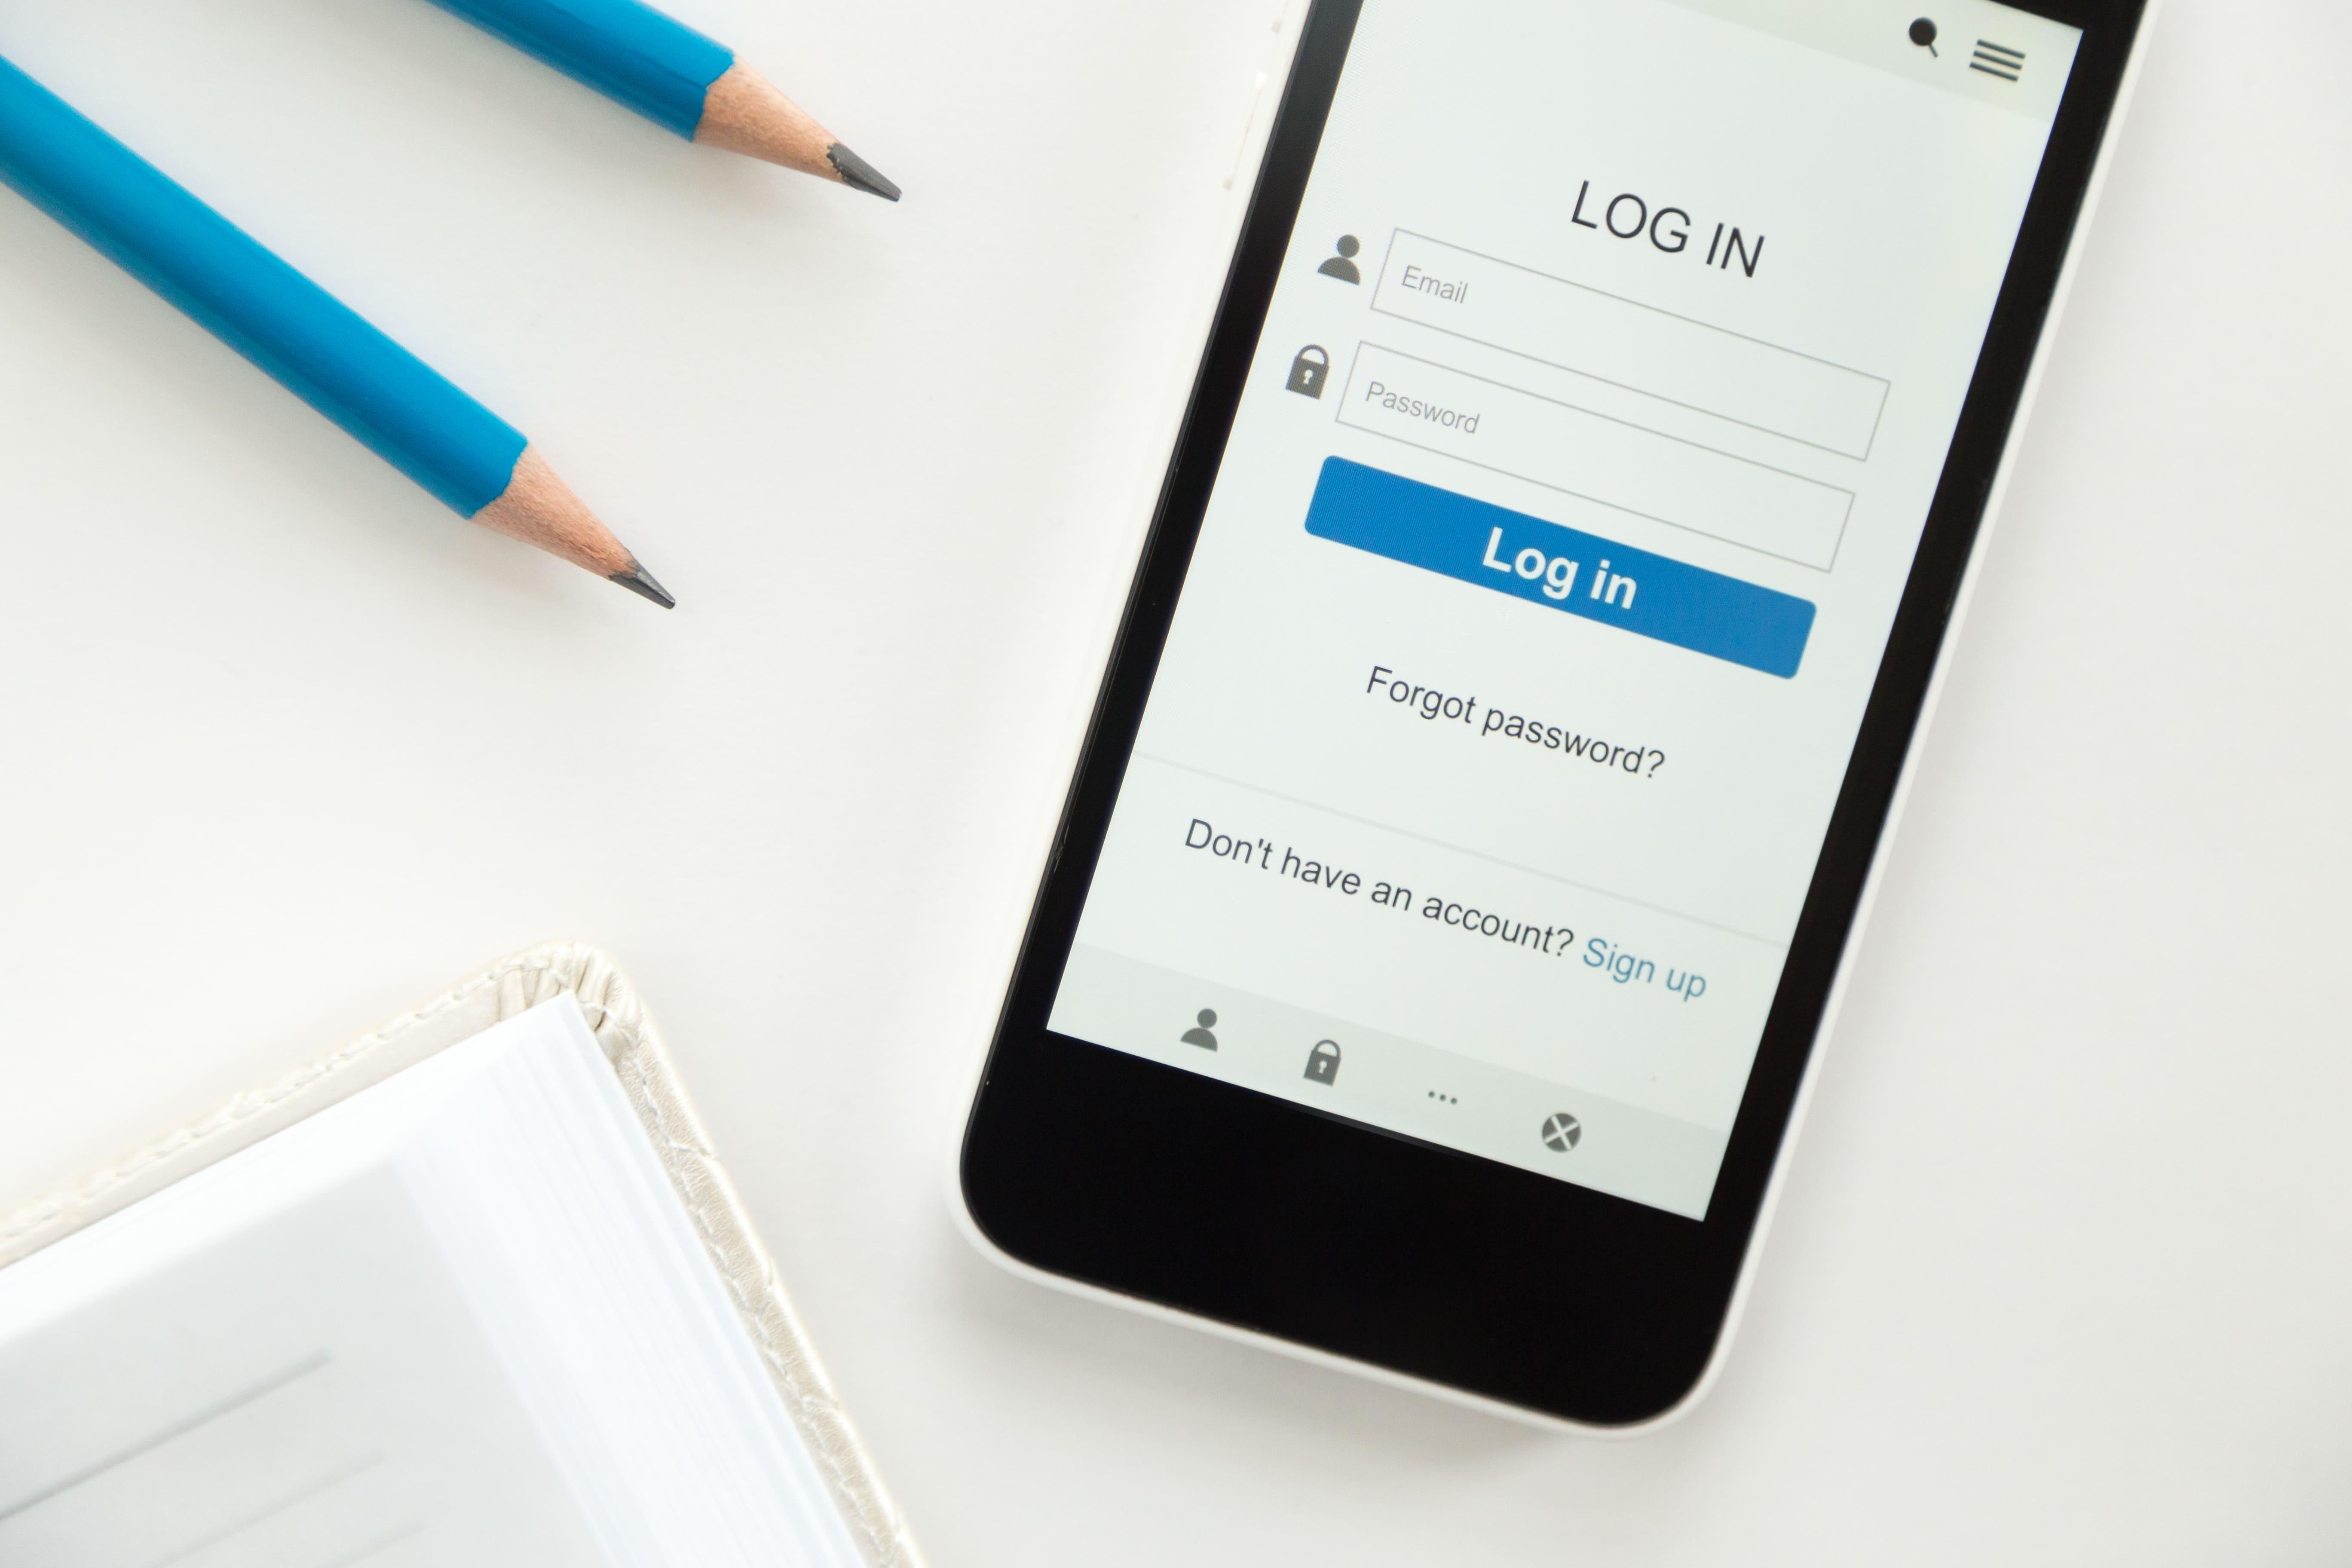 RGPD et applications mobiles : tout ce qu'il faut savoir pour être en conformité